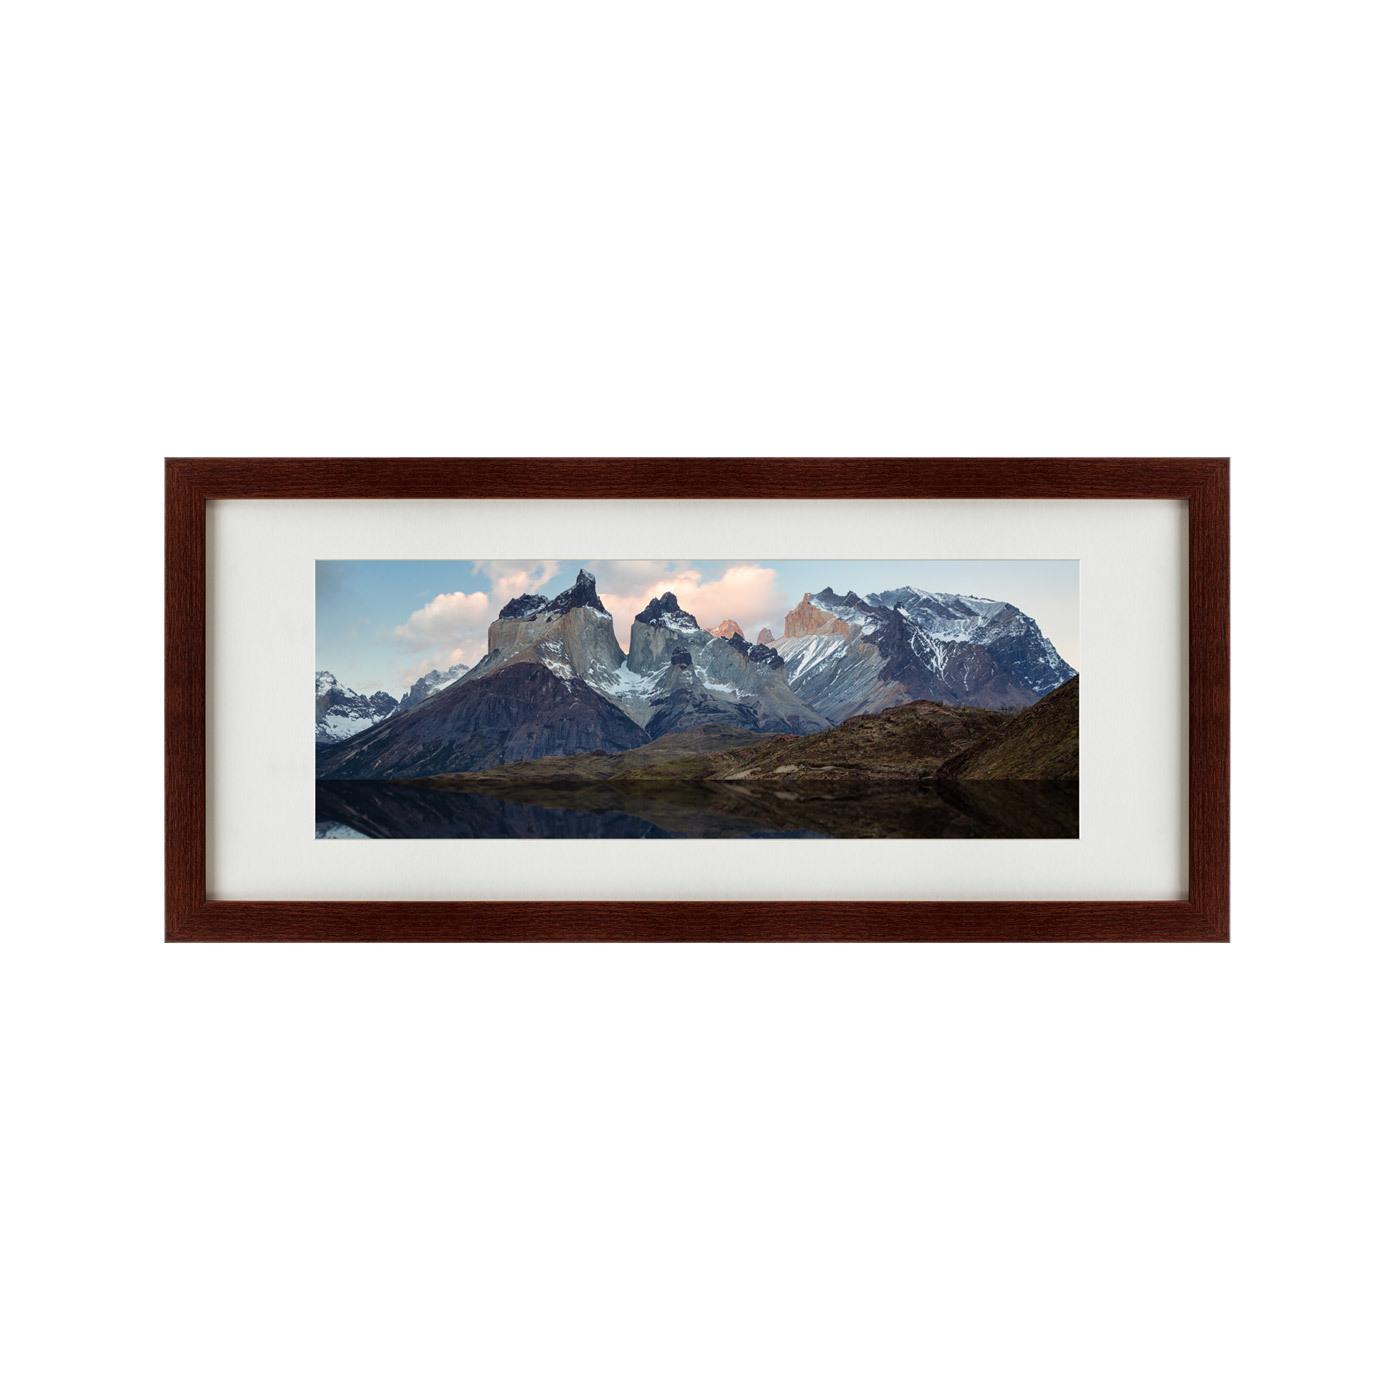 {} Картины в Квартиру Картина Горы Колорадо (35х77 см) картины в квартиру картина dusc 35х77 см